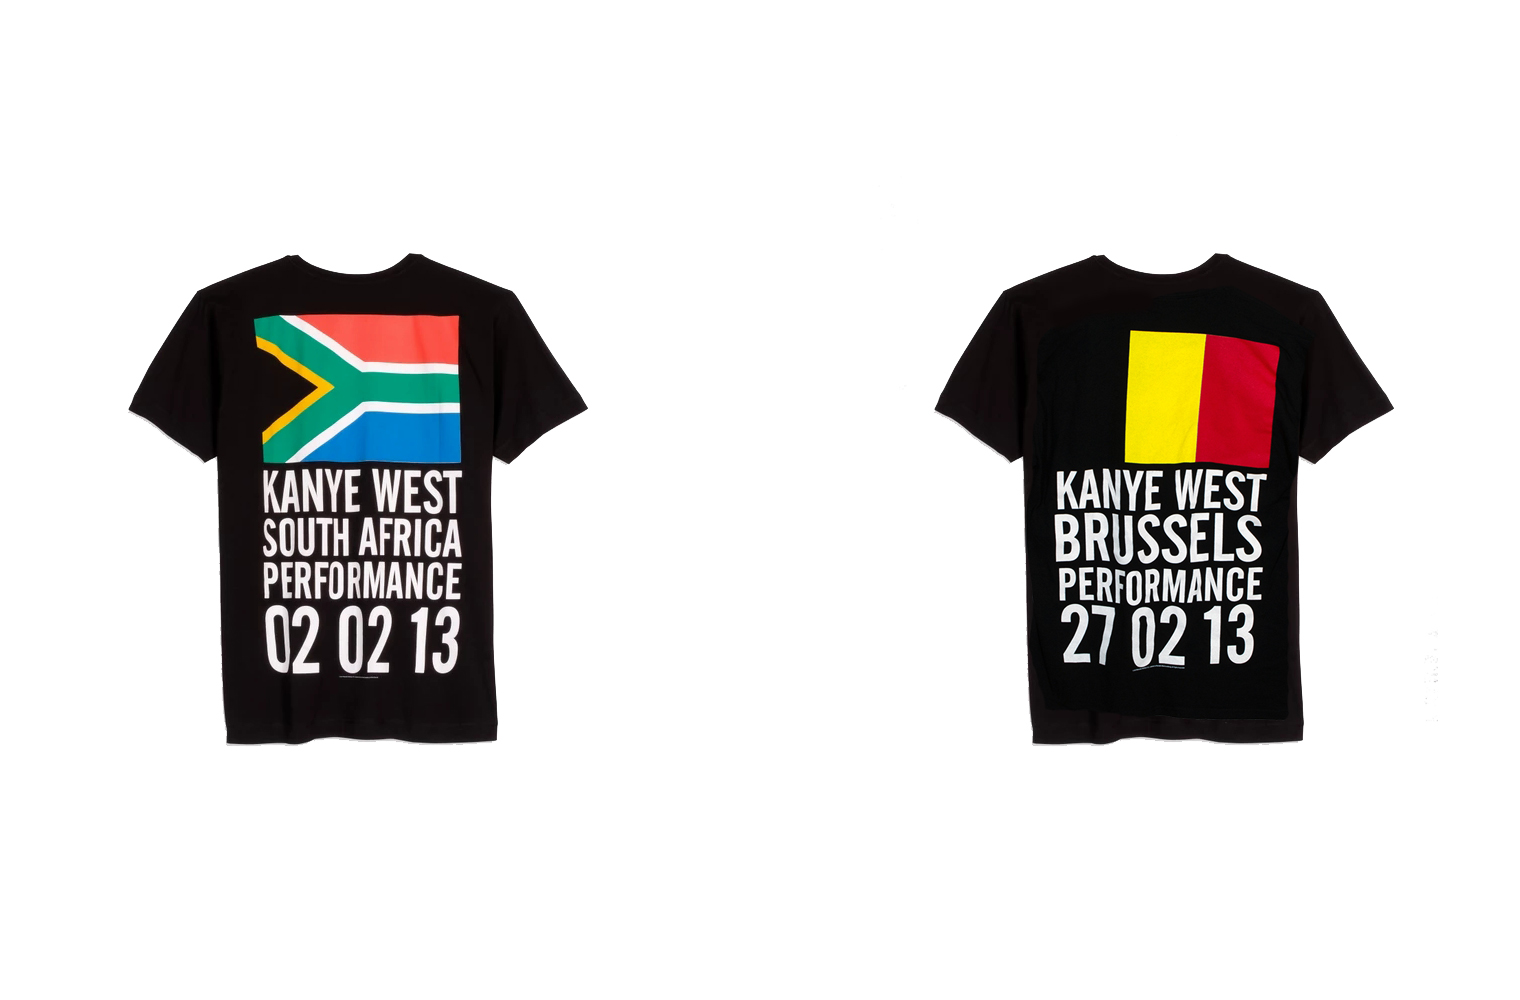 Канье Уэст - мерч к концертам в Африке и Европе 2013